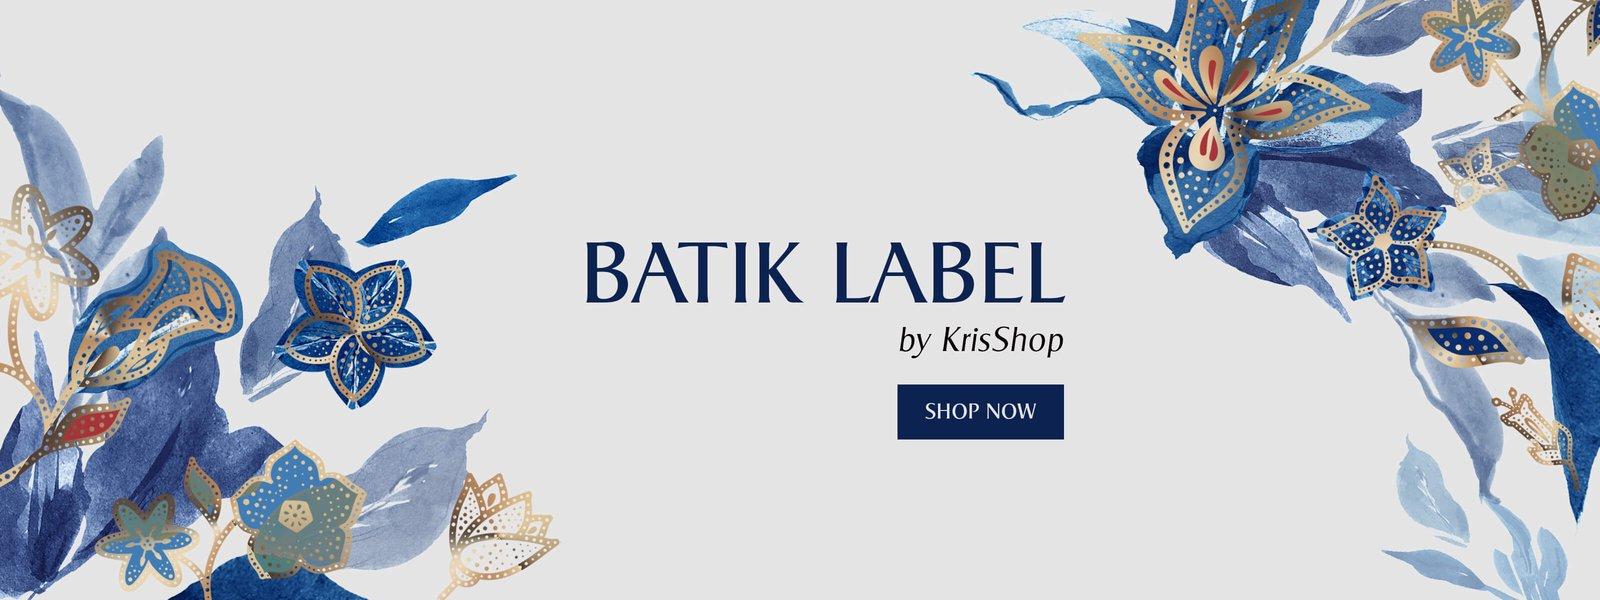 Batik Label by KrisShop